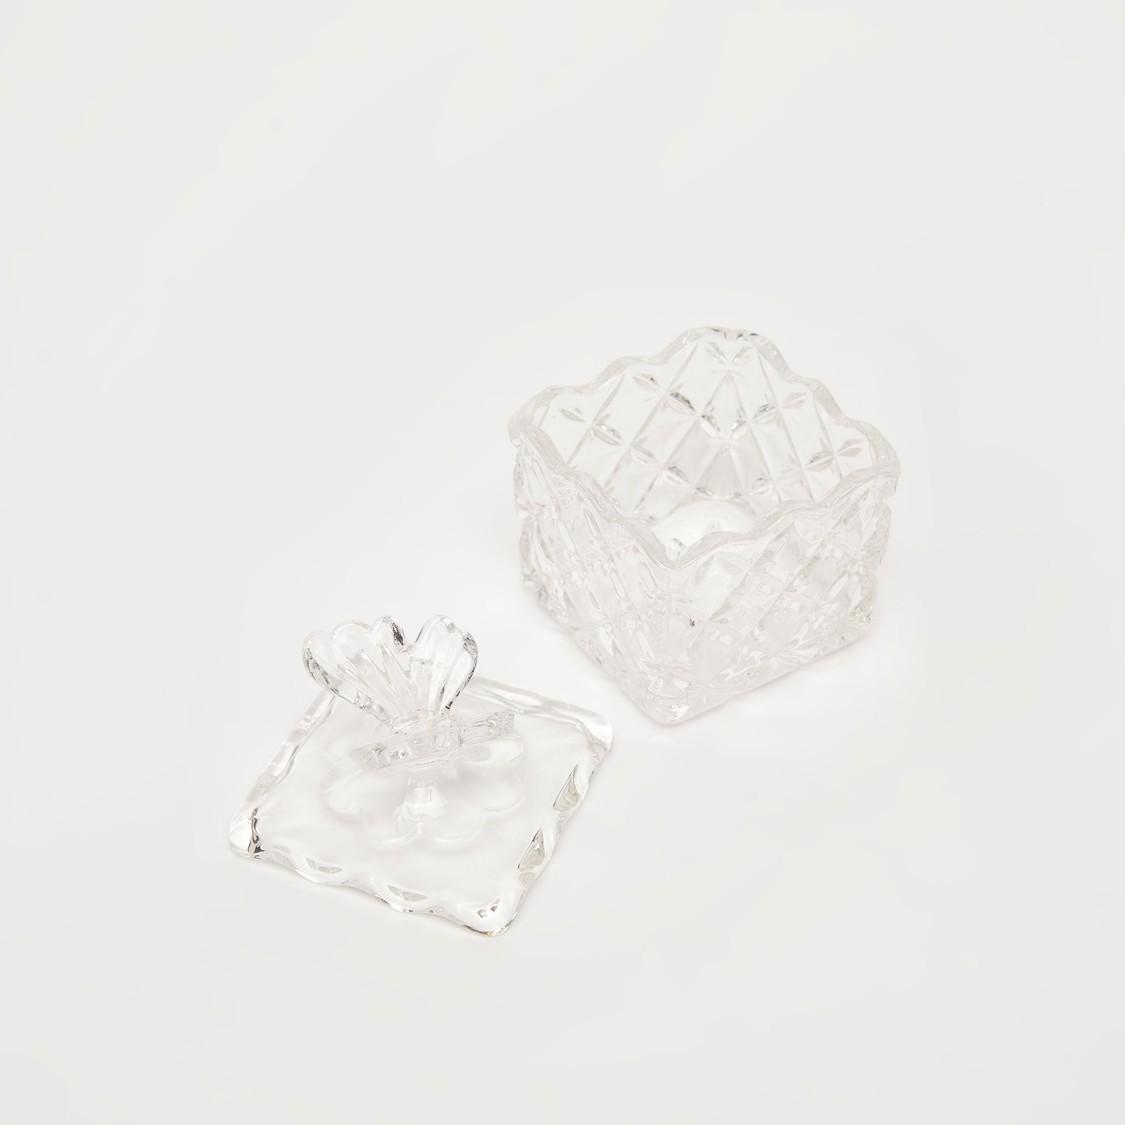 جرة زجاجية منقوشة بغطاء